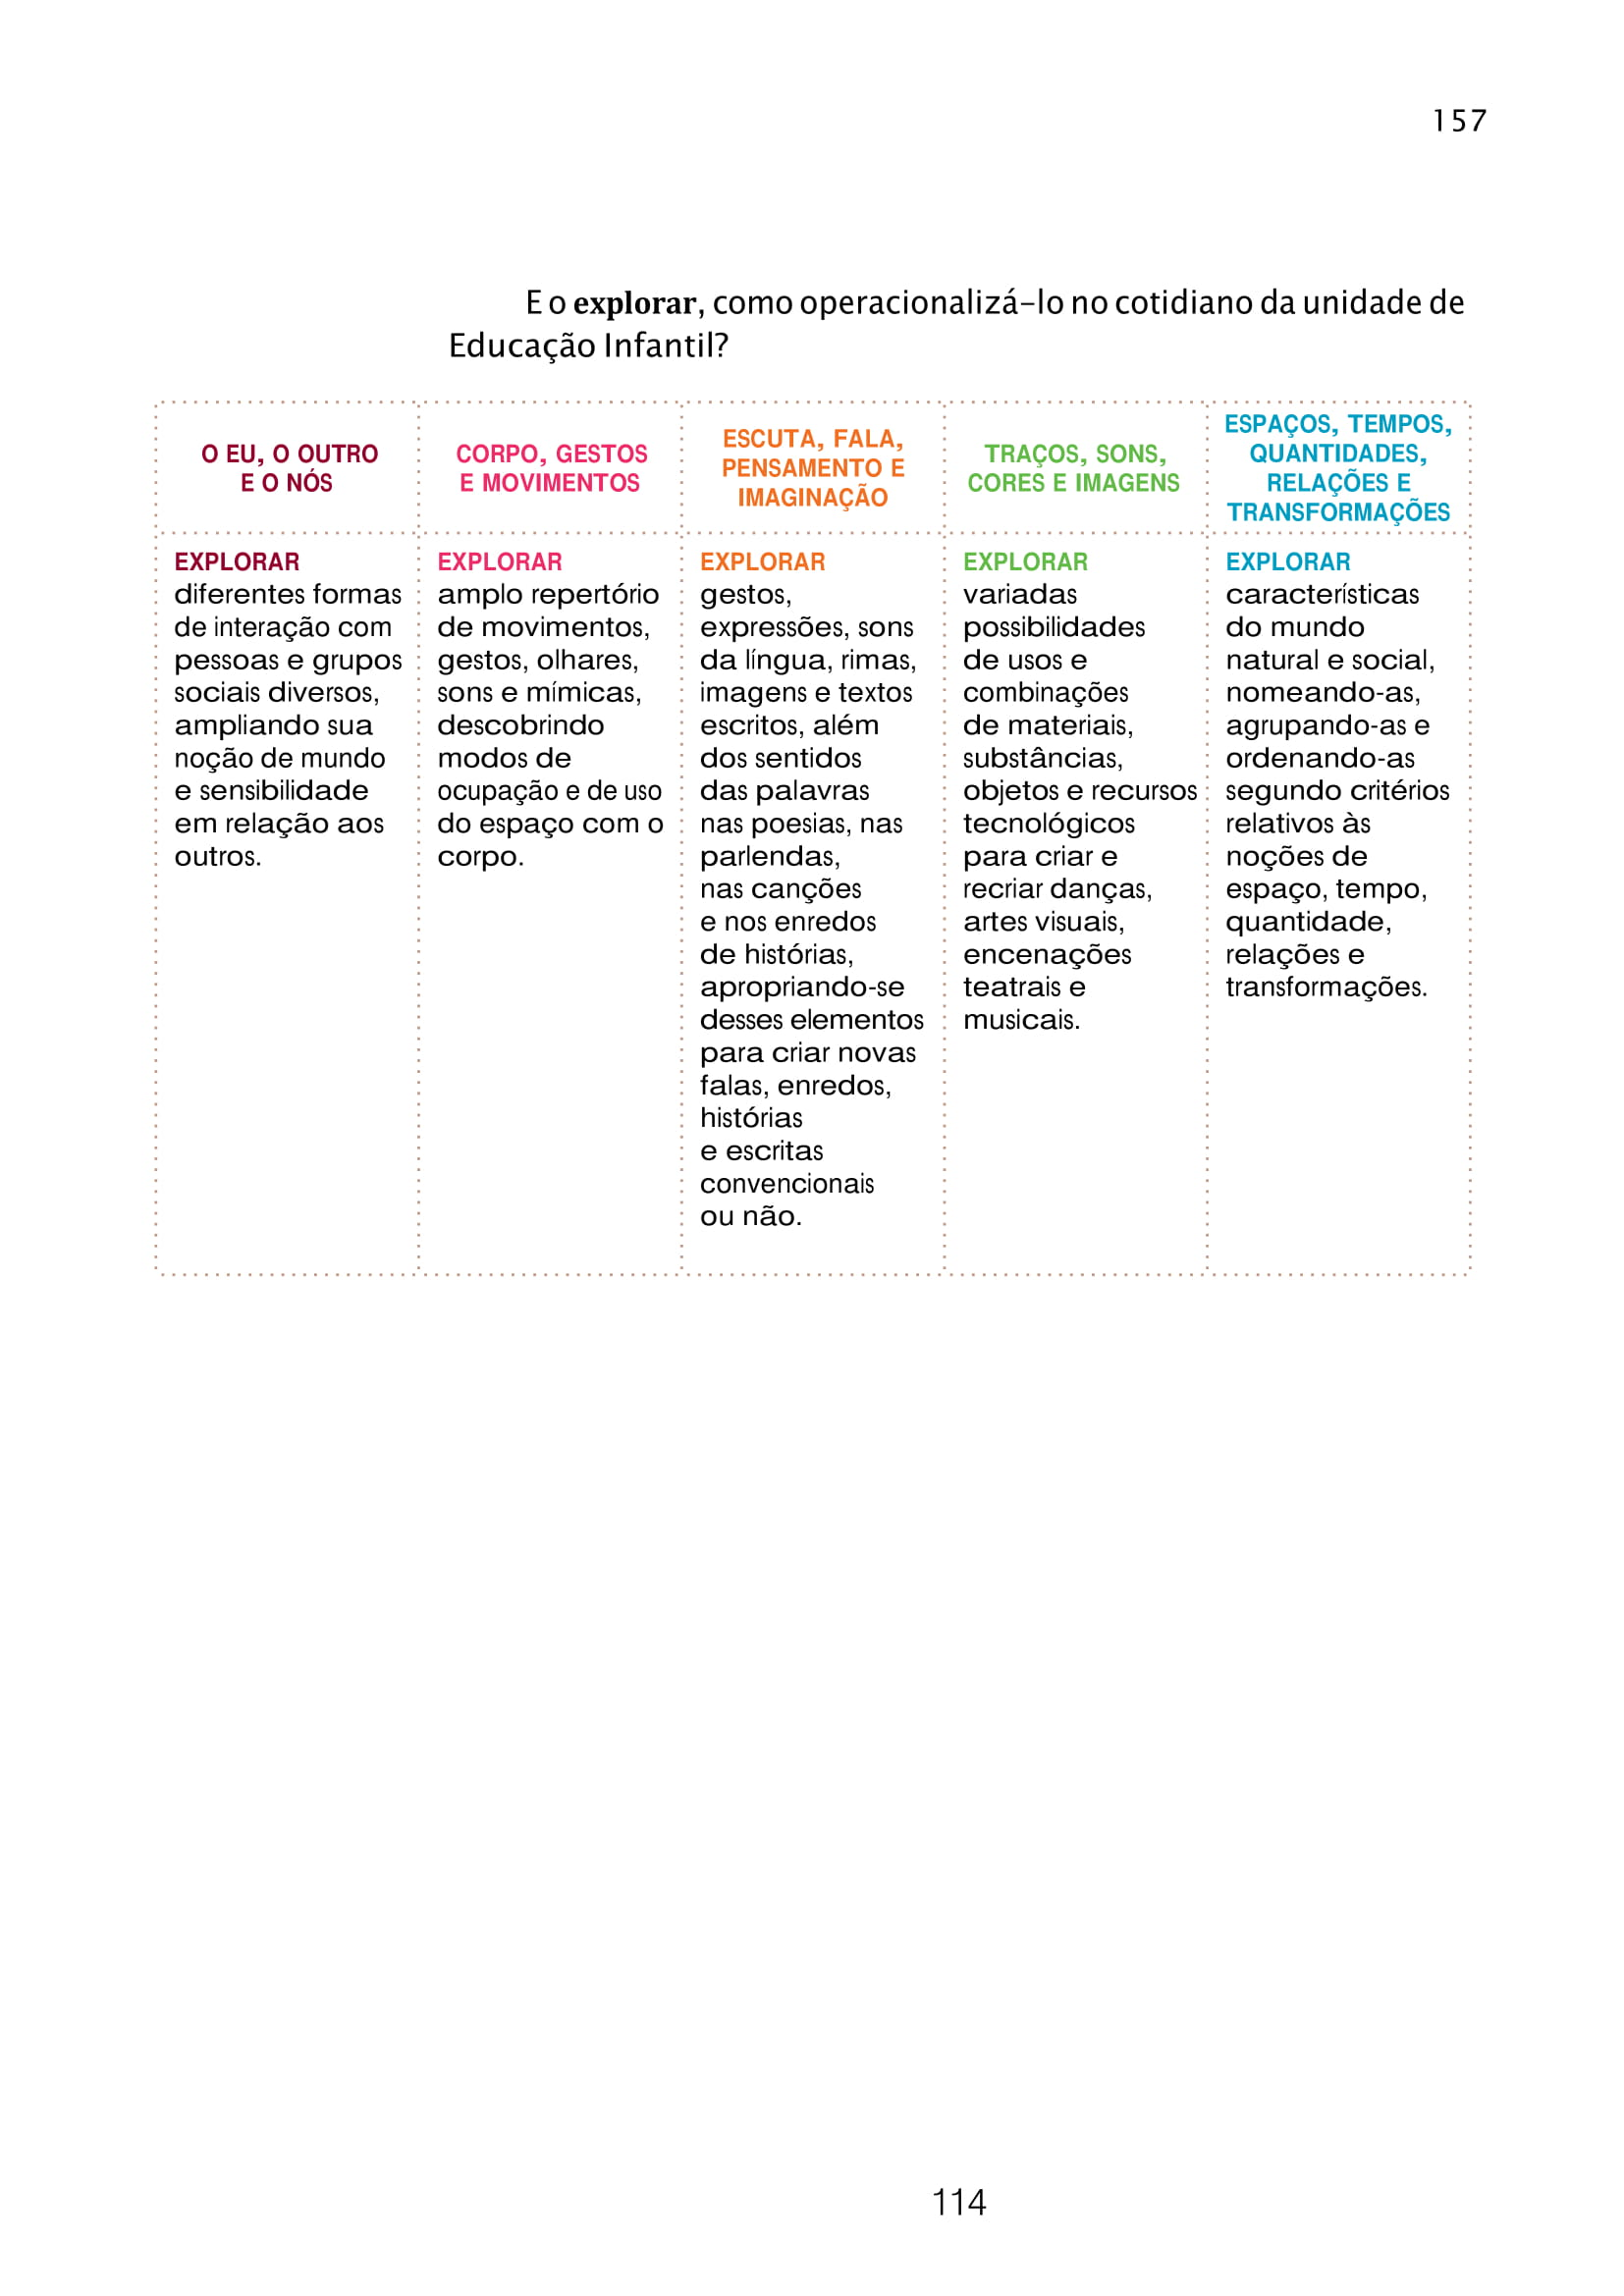 planejamento-educação-infantil-bncc-geral-187